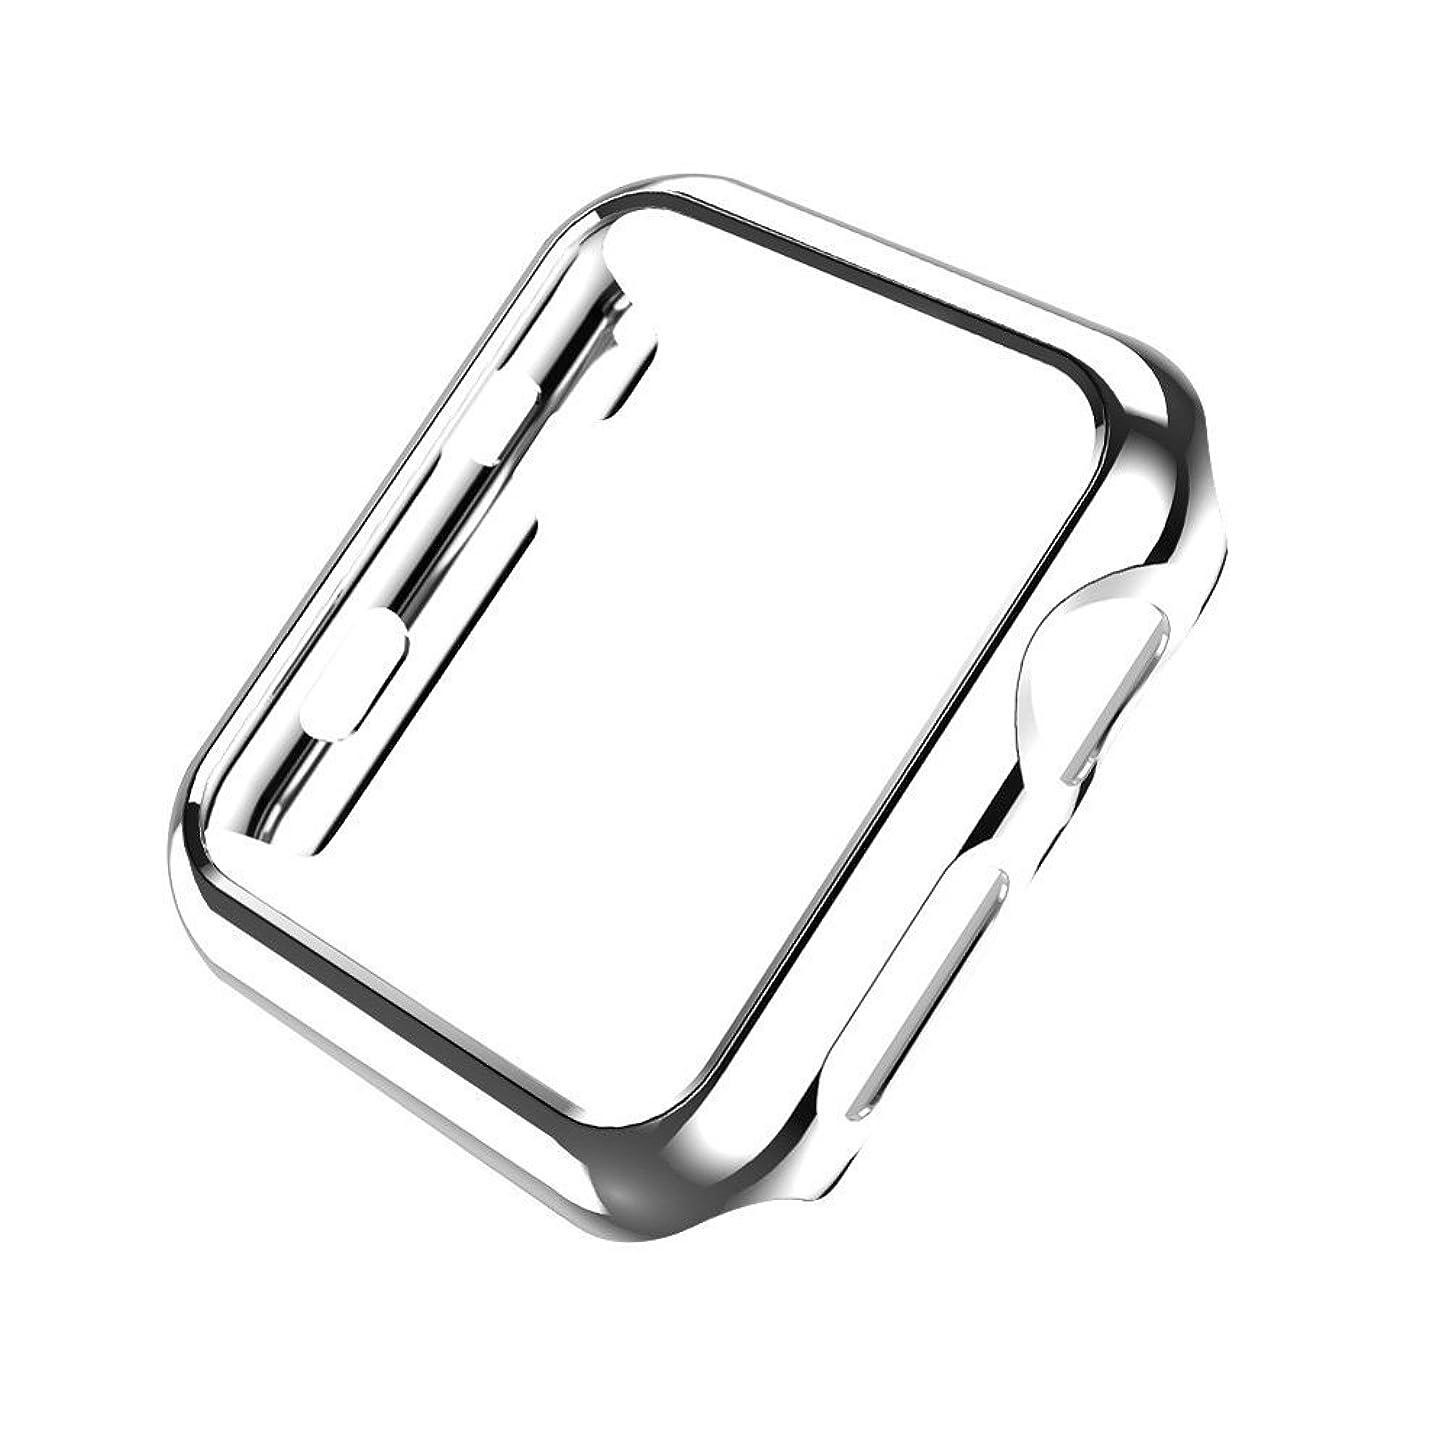 戦闘ブラシボウリングSakula Apple Watch Series 3 ケース 高品質PC メーキ加工 耐衝撃性 アップルウォッチ シリーズ 2/3 保護ケース 42mm対応 (シルバー)